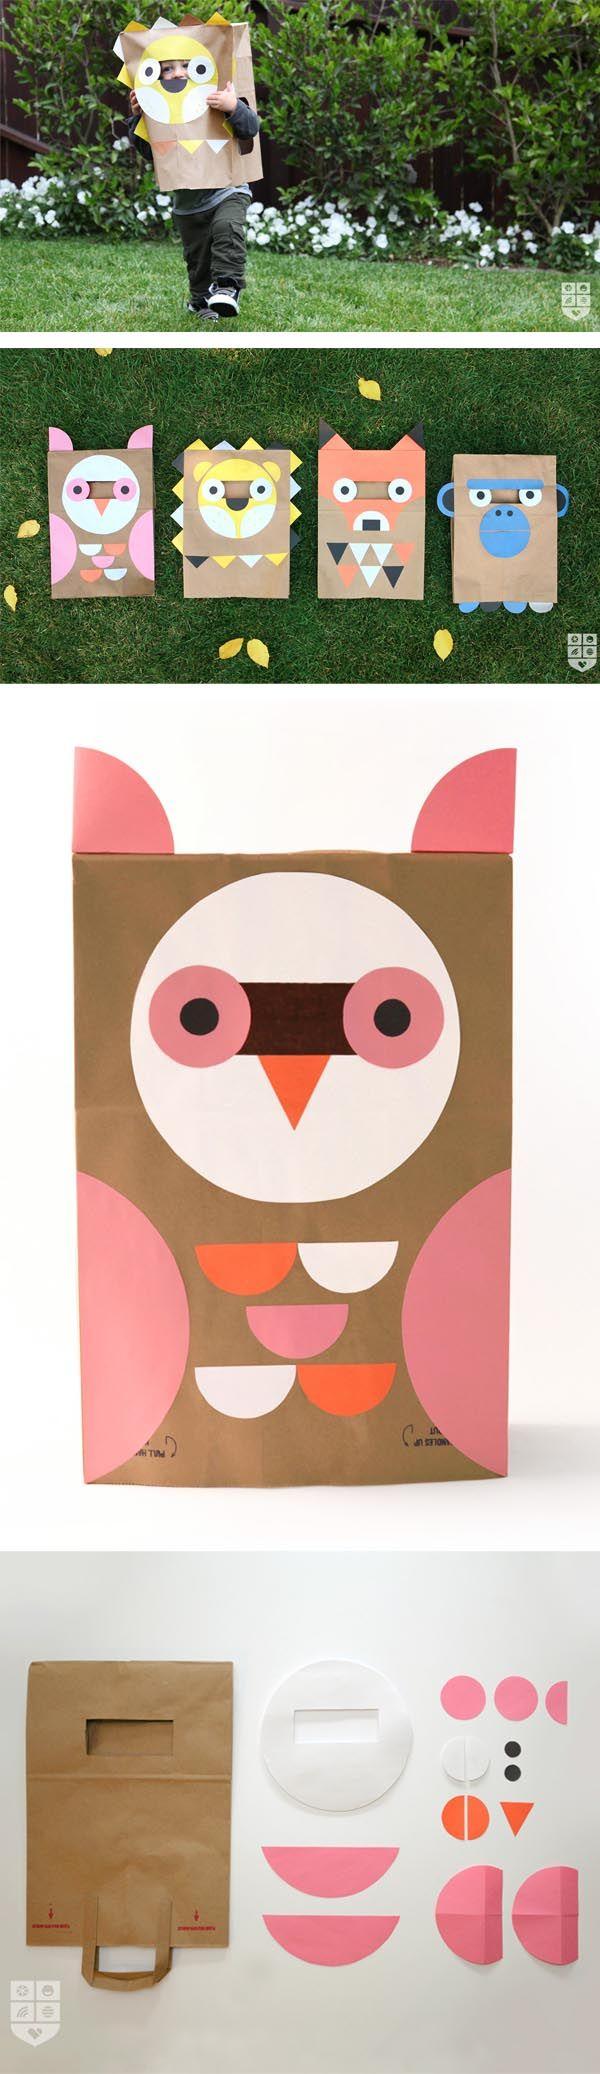 Disfraces halloween hechos con bolsas papel. También puede ser una buena idea para bolsitas de sorpresas. http://www.escarabajosbichosymariposas.com